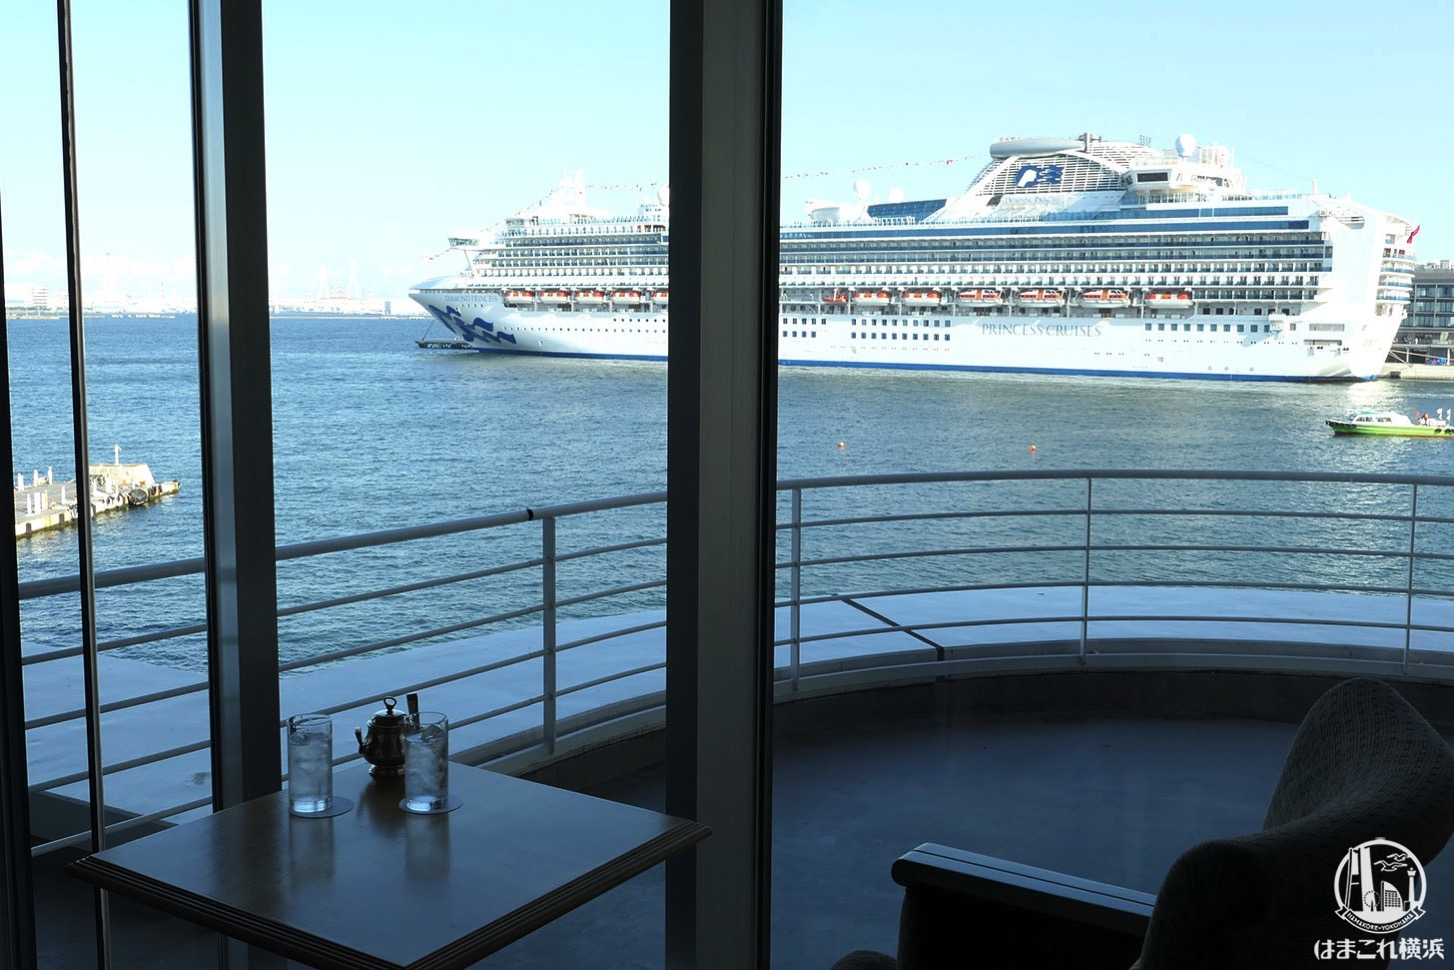 マリンブルーは横浜港一望、眺めの良いカフェ!停泊中の大型客船まで